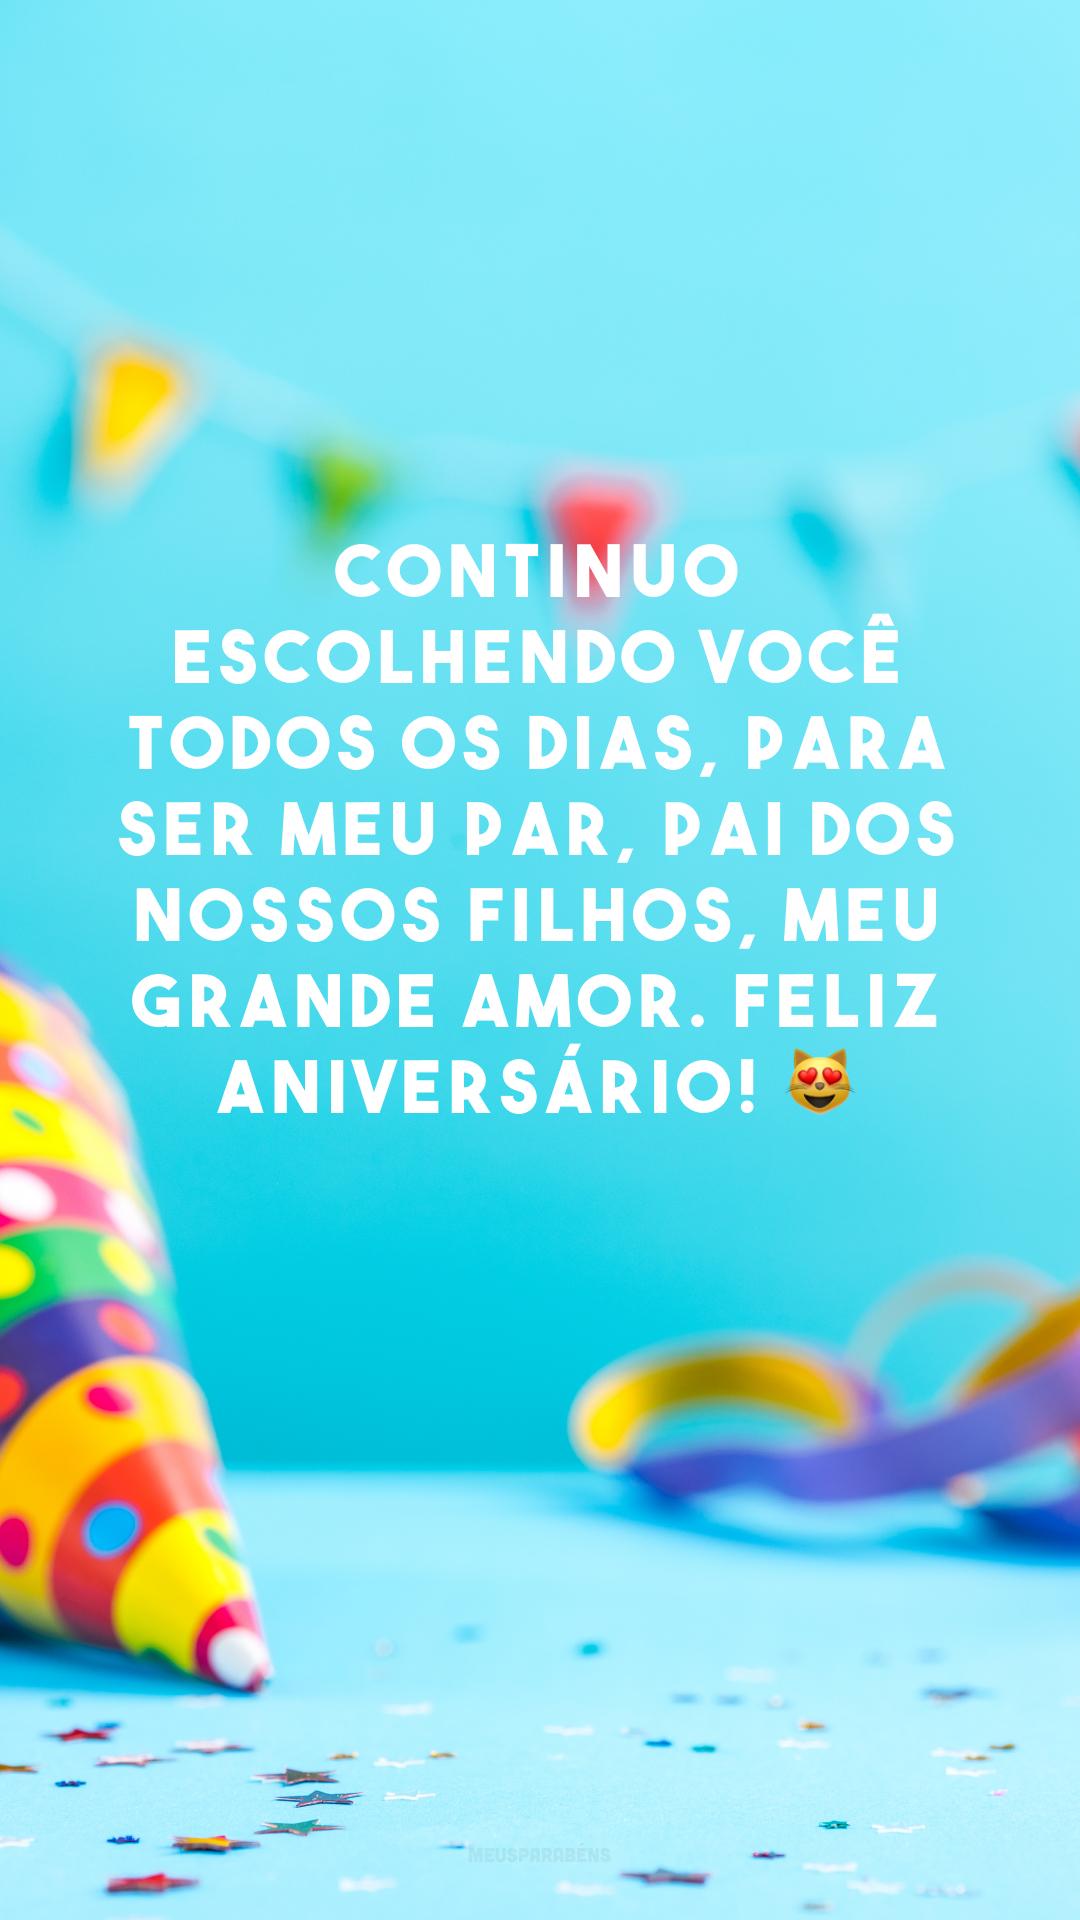 Continuo escolhendo você todos os dias, para ser meu par, pai dos nossos filhos, meu grande amor. Feliz aniversário! 😻